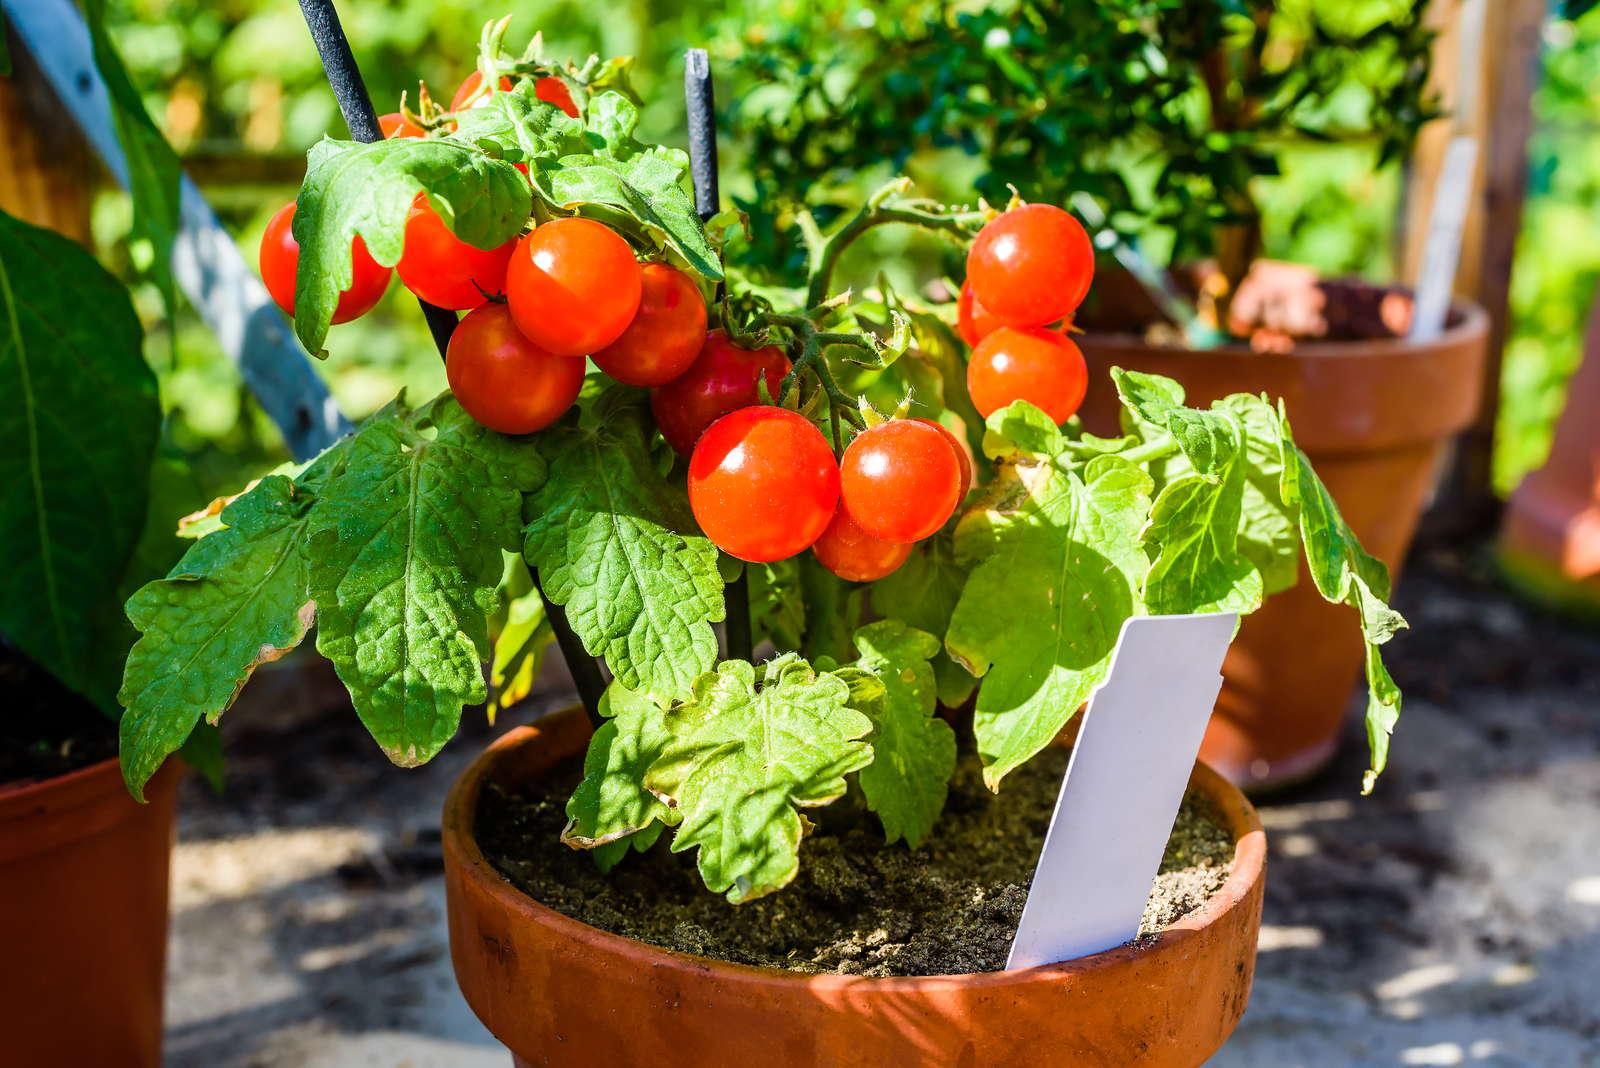 10 tipps zur perfekten tomate aus dem eigenen garten plantura. Black Bedroom Furniture Sets. Home Design Ideas